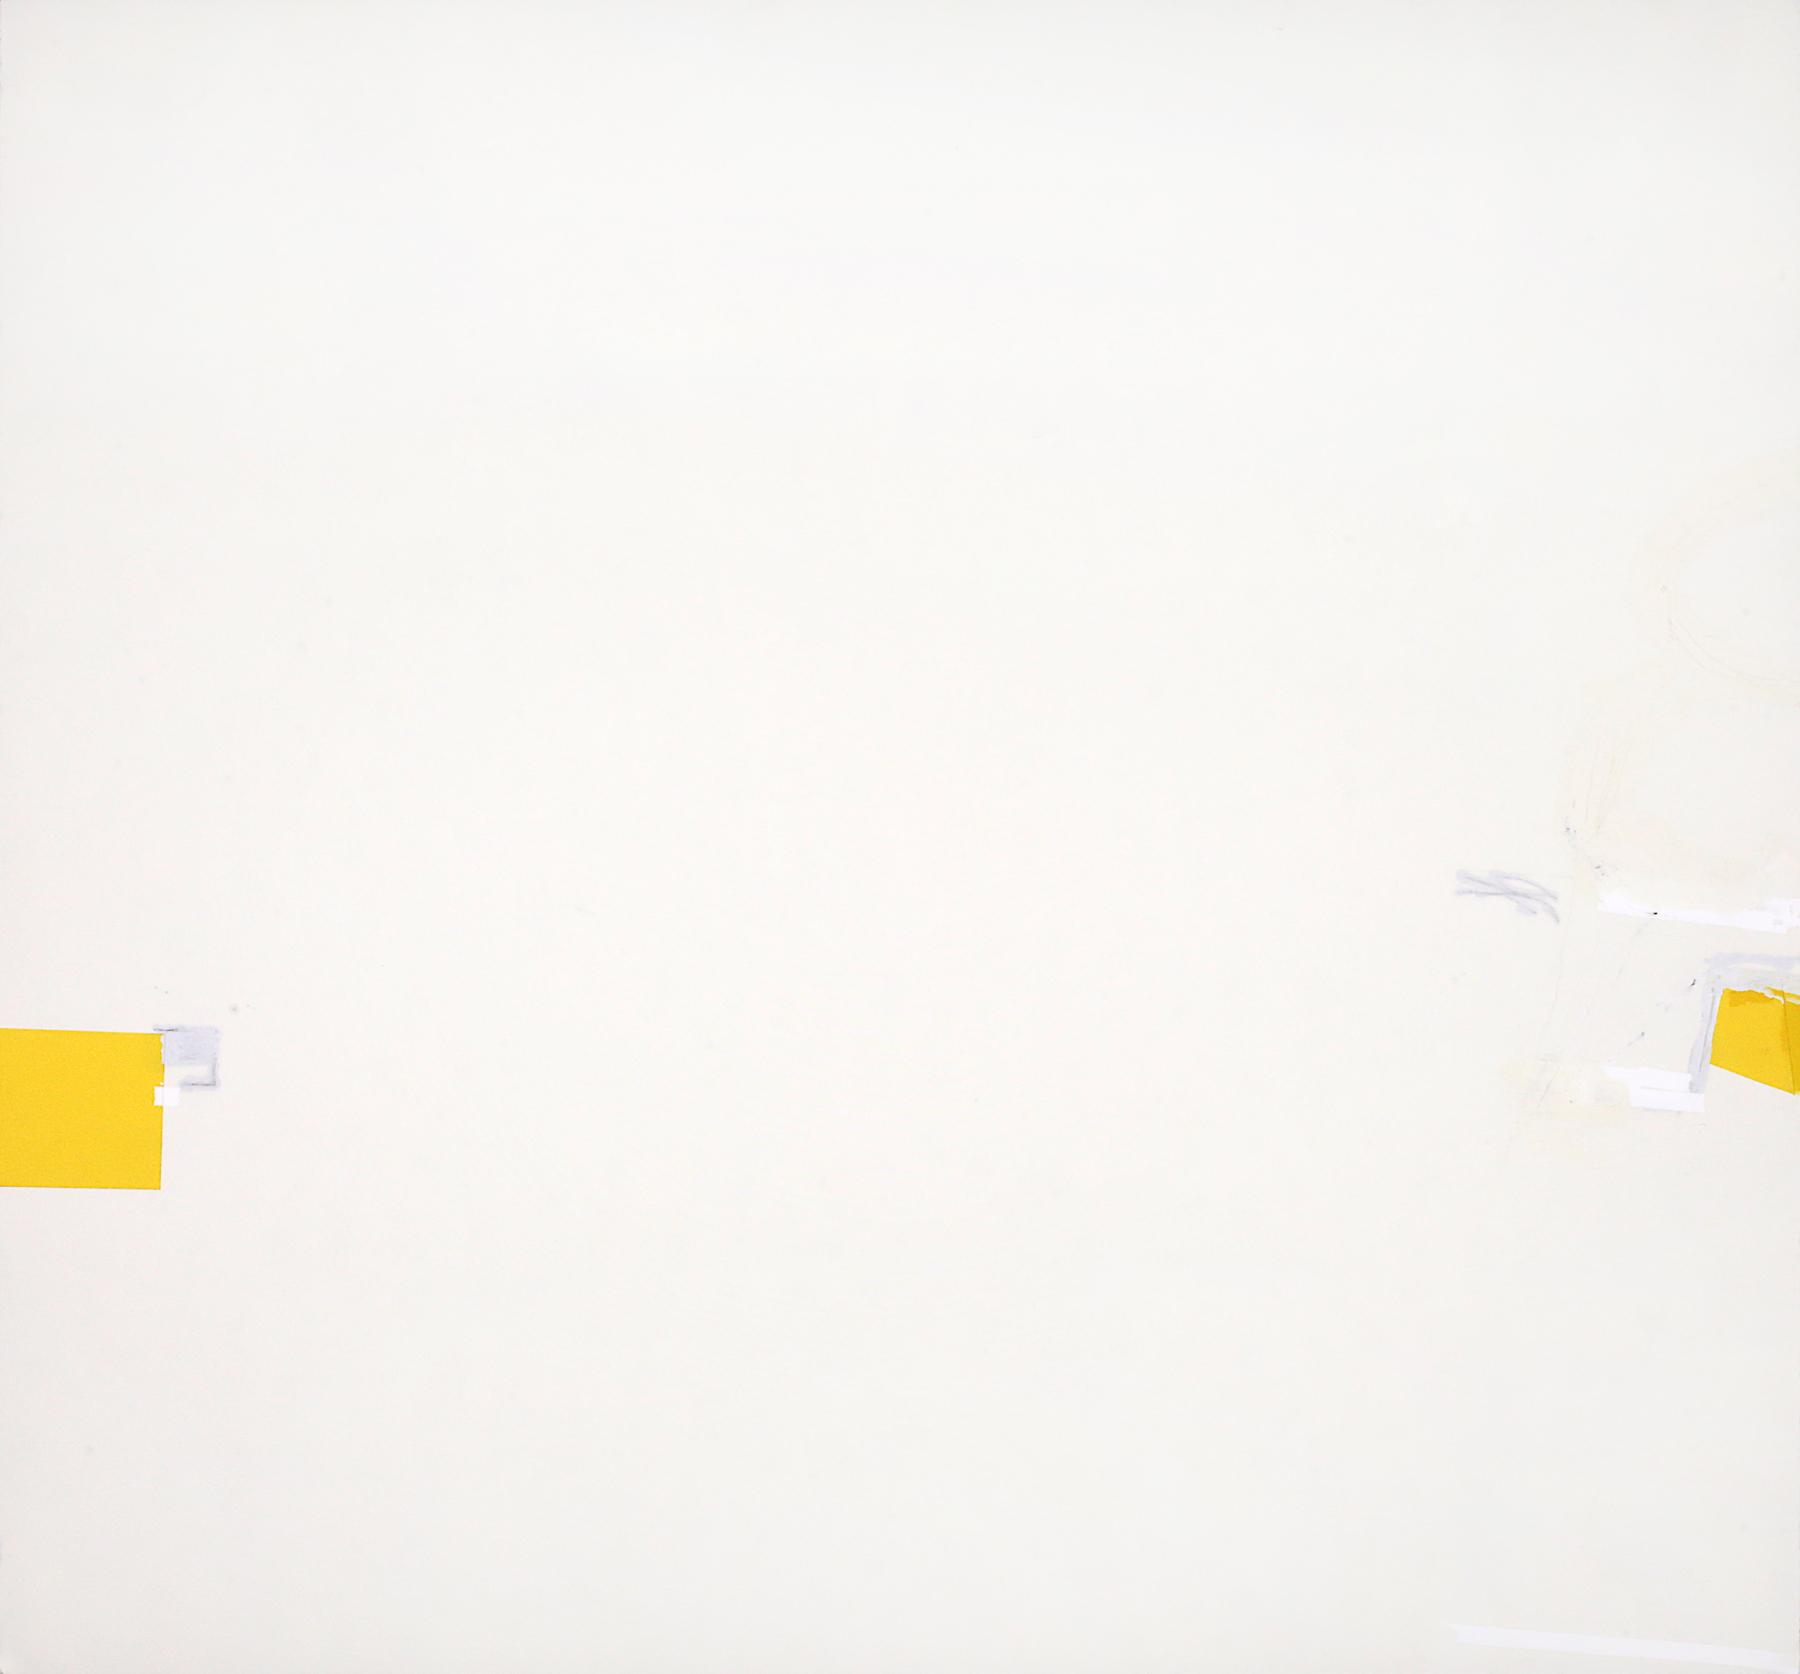 55_opposing_yellow_150_sm